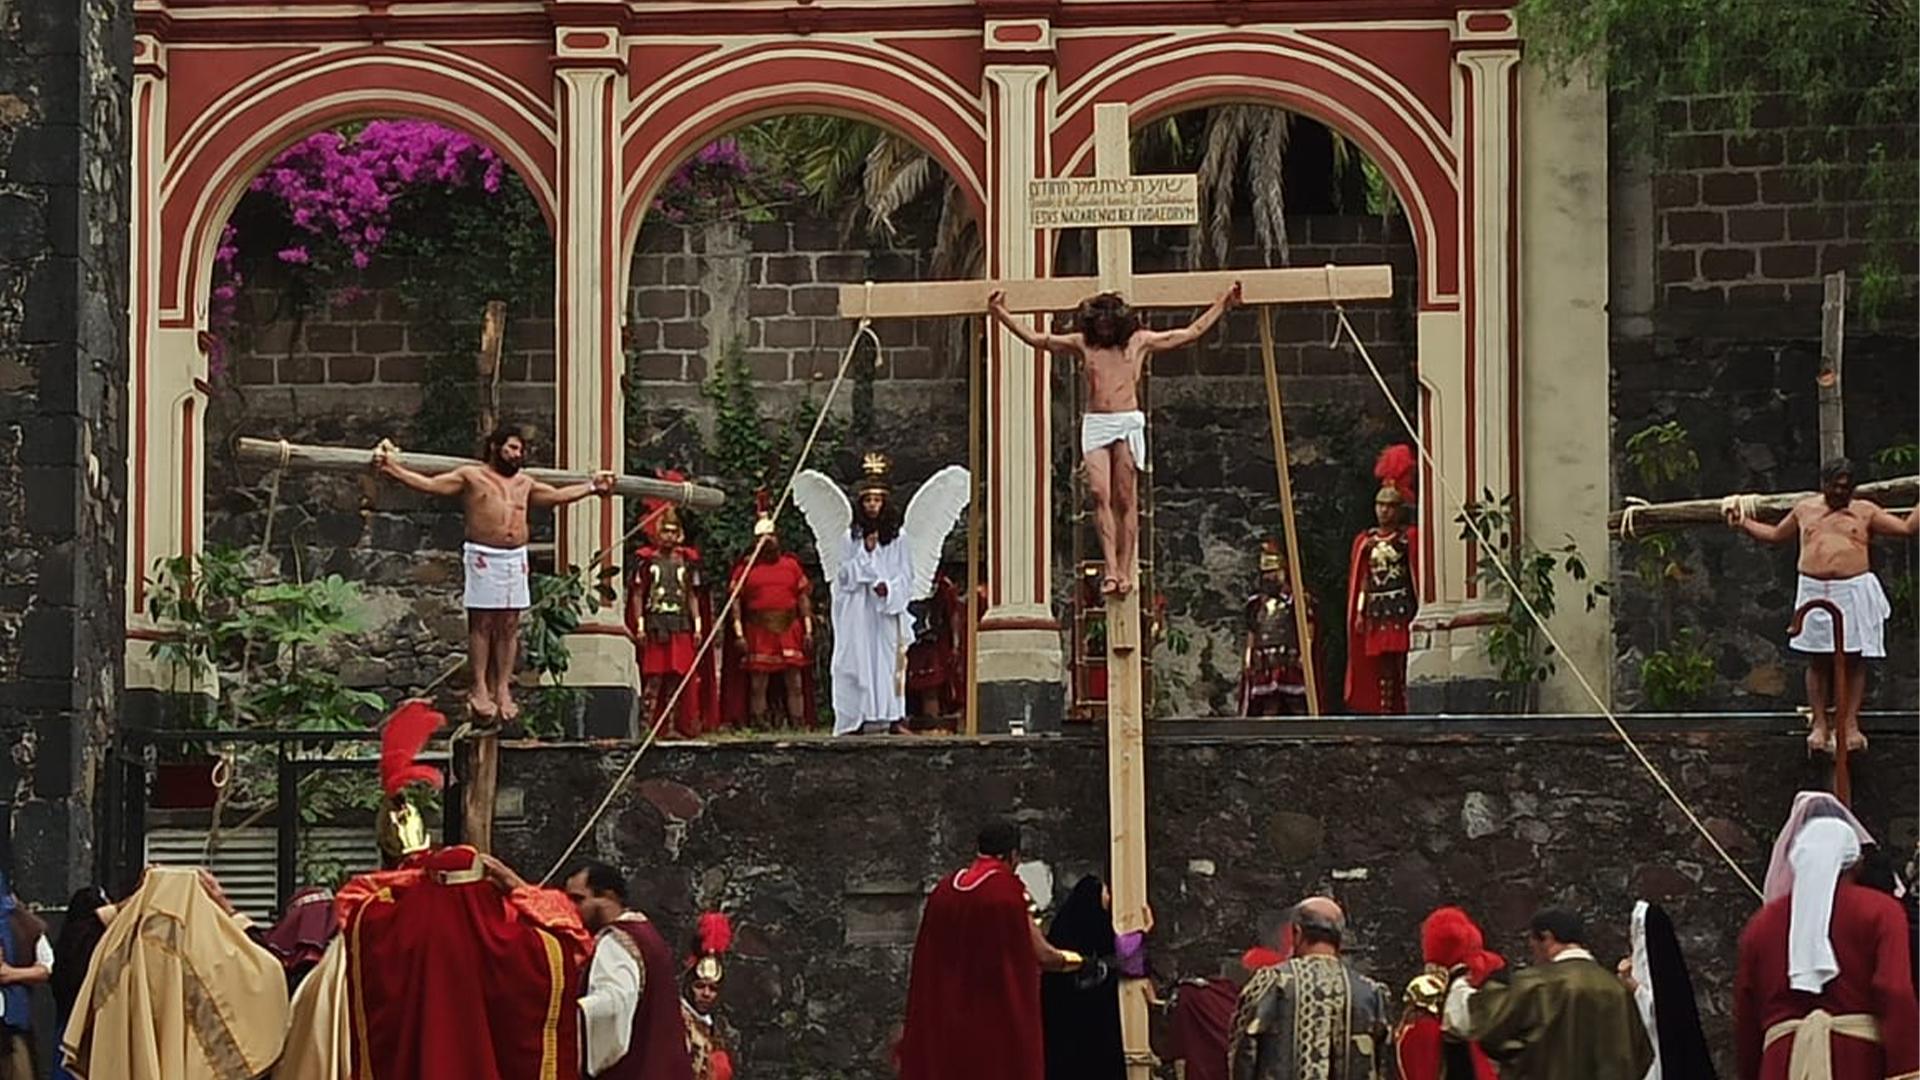 La 177 representación de la pasión, muerte y resurrección de Cristo se realiza sin público y se lleva a cabo de manera ininterrumpida desde hace más de 170 años (Foto: Cortesía)